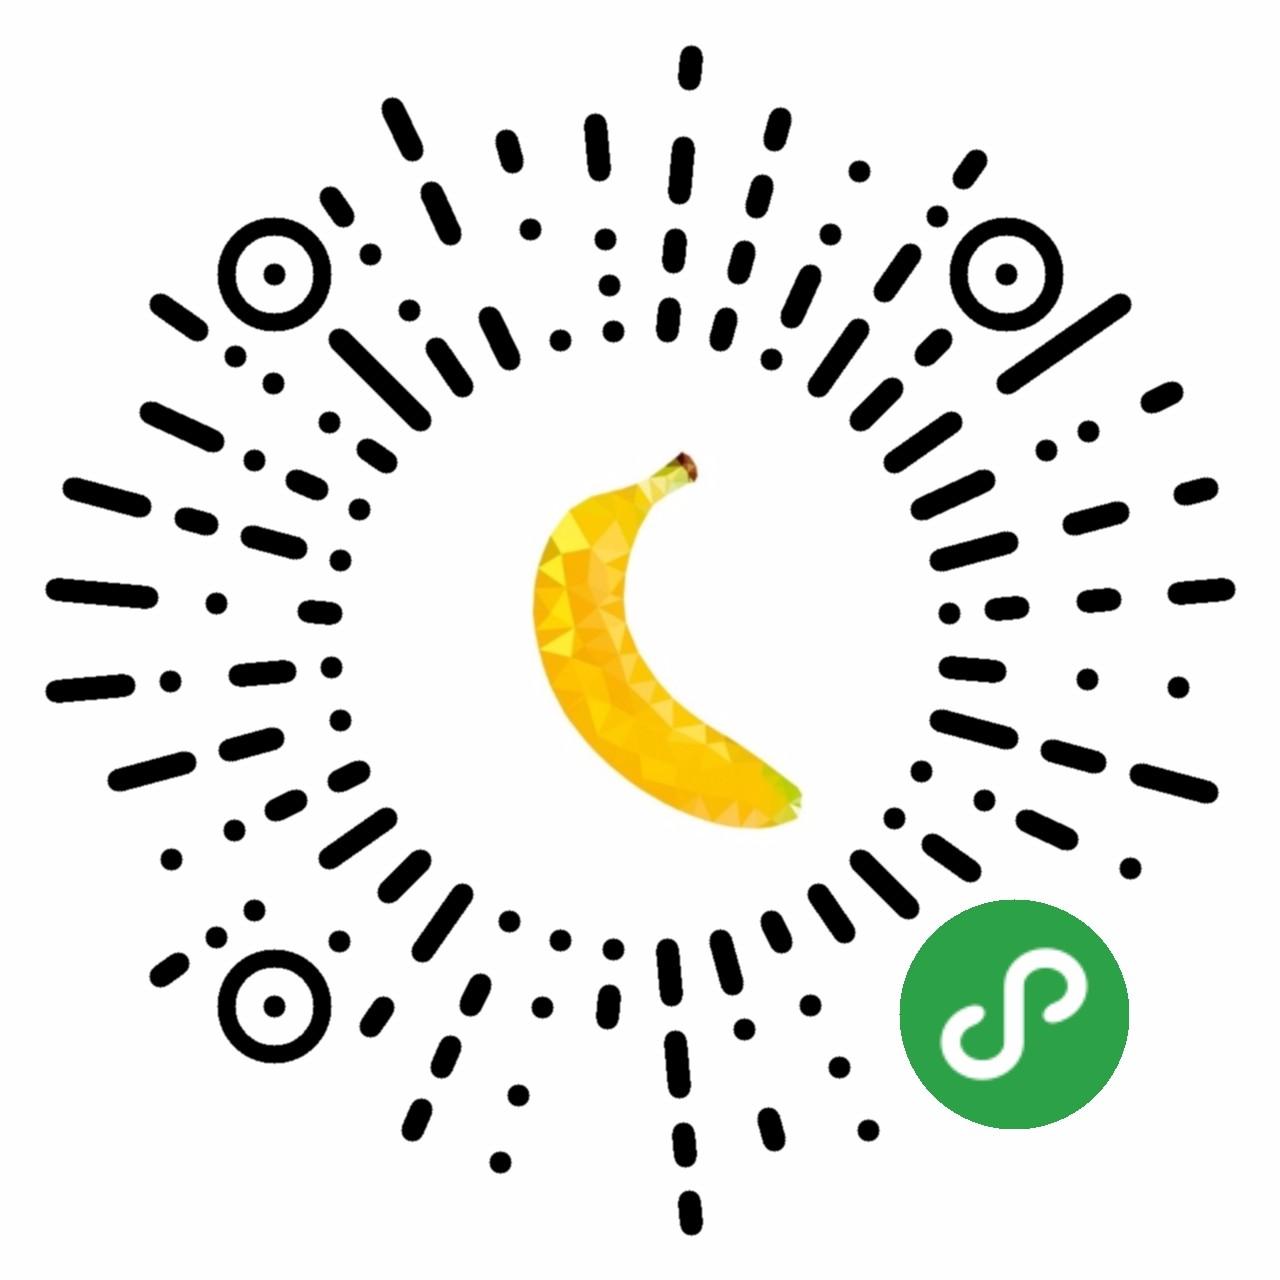 香蕉打码二维码